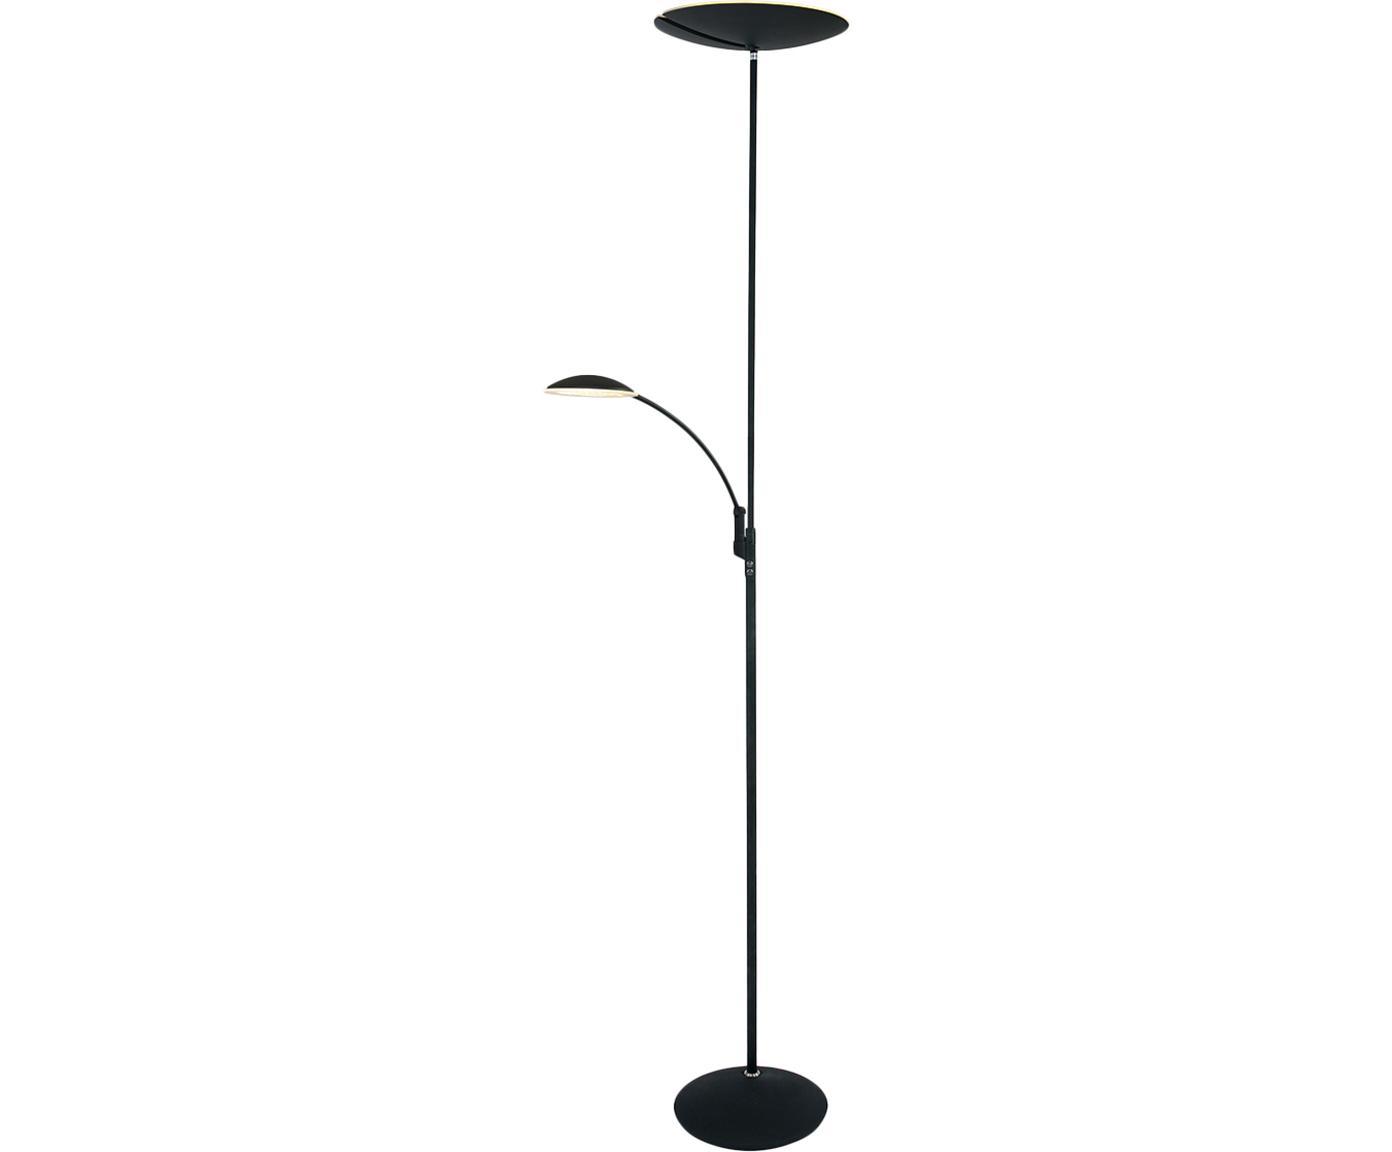 Dimmbarer LED-Deckenfluter Mees mit Leselampe, Lampenschirm: Aluminium, lackiert, Lampenfuß: Aluminium, lackiert, Schwarz, Ø 38 x H 180 cm